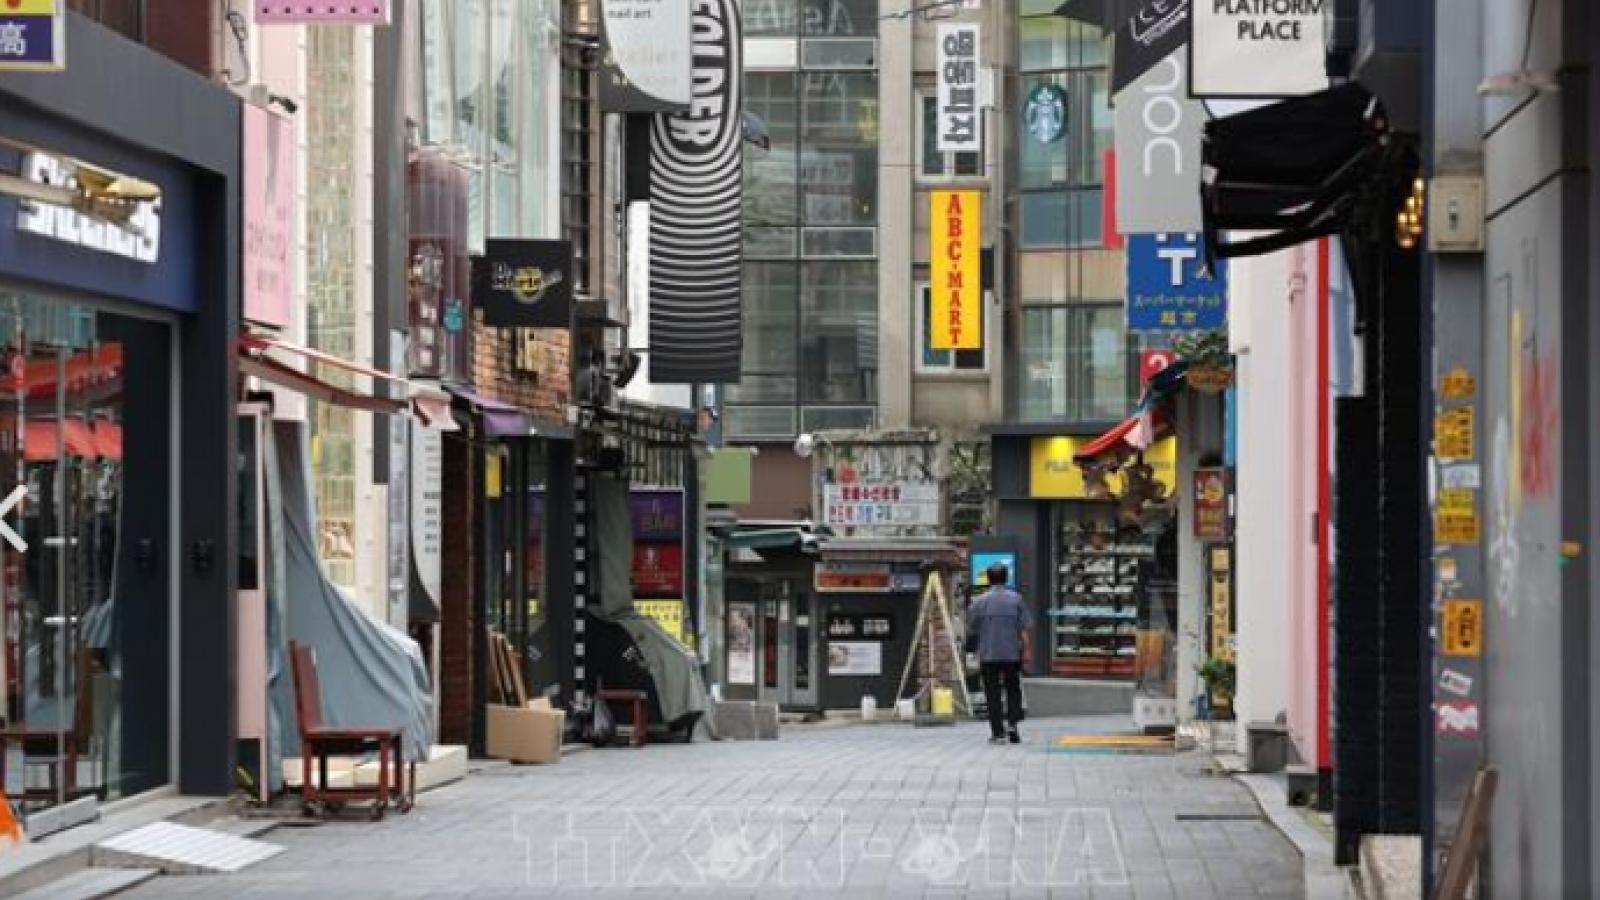 Tăng trưởng kinh tế Hàn Quốc năm 2020 đạt -1%